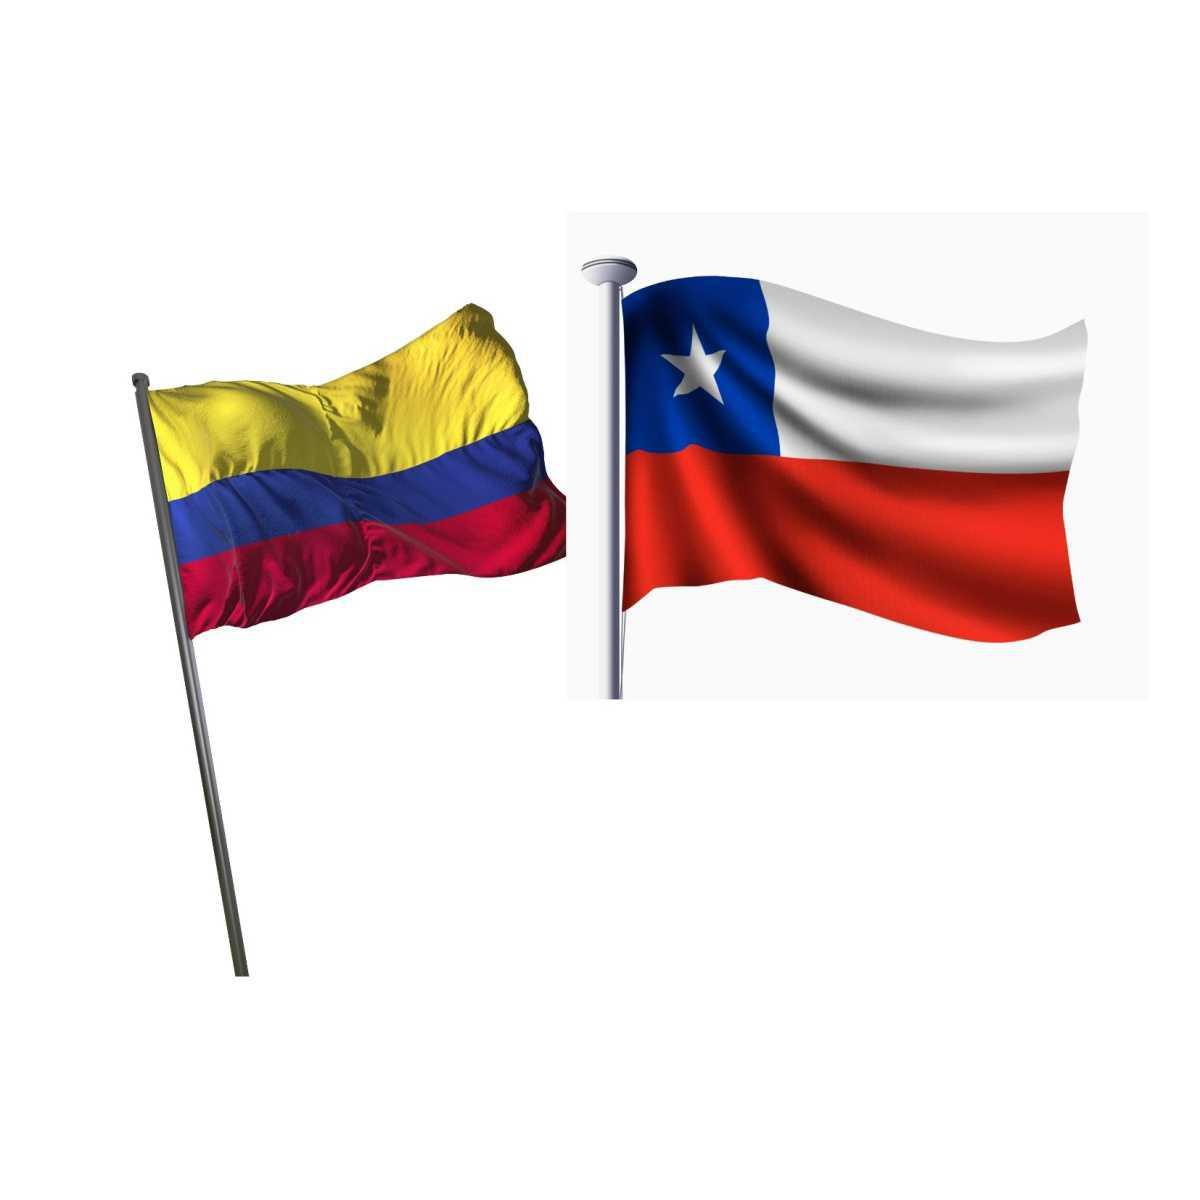 Agencias de Cooperación Internacional de Colombia y Chile aprueban plan de proyectos para la vigencia 2020-2022